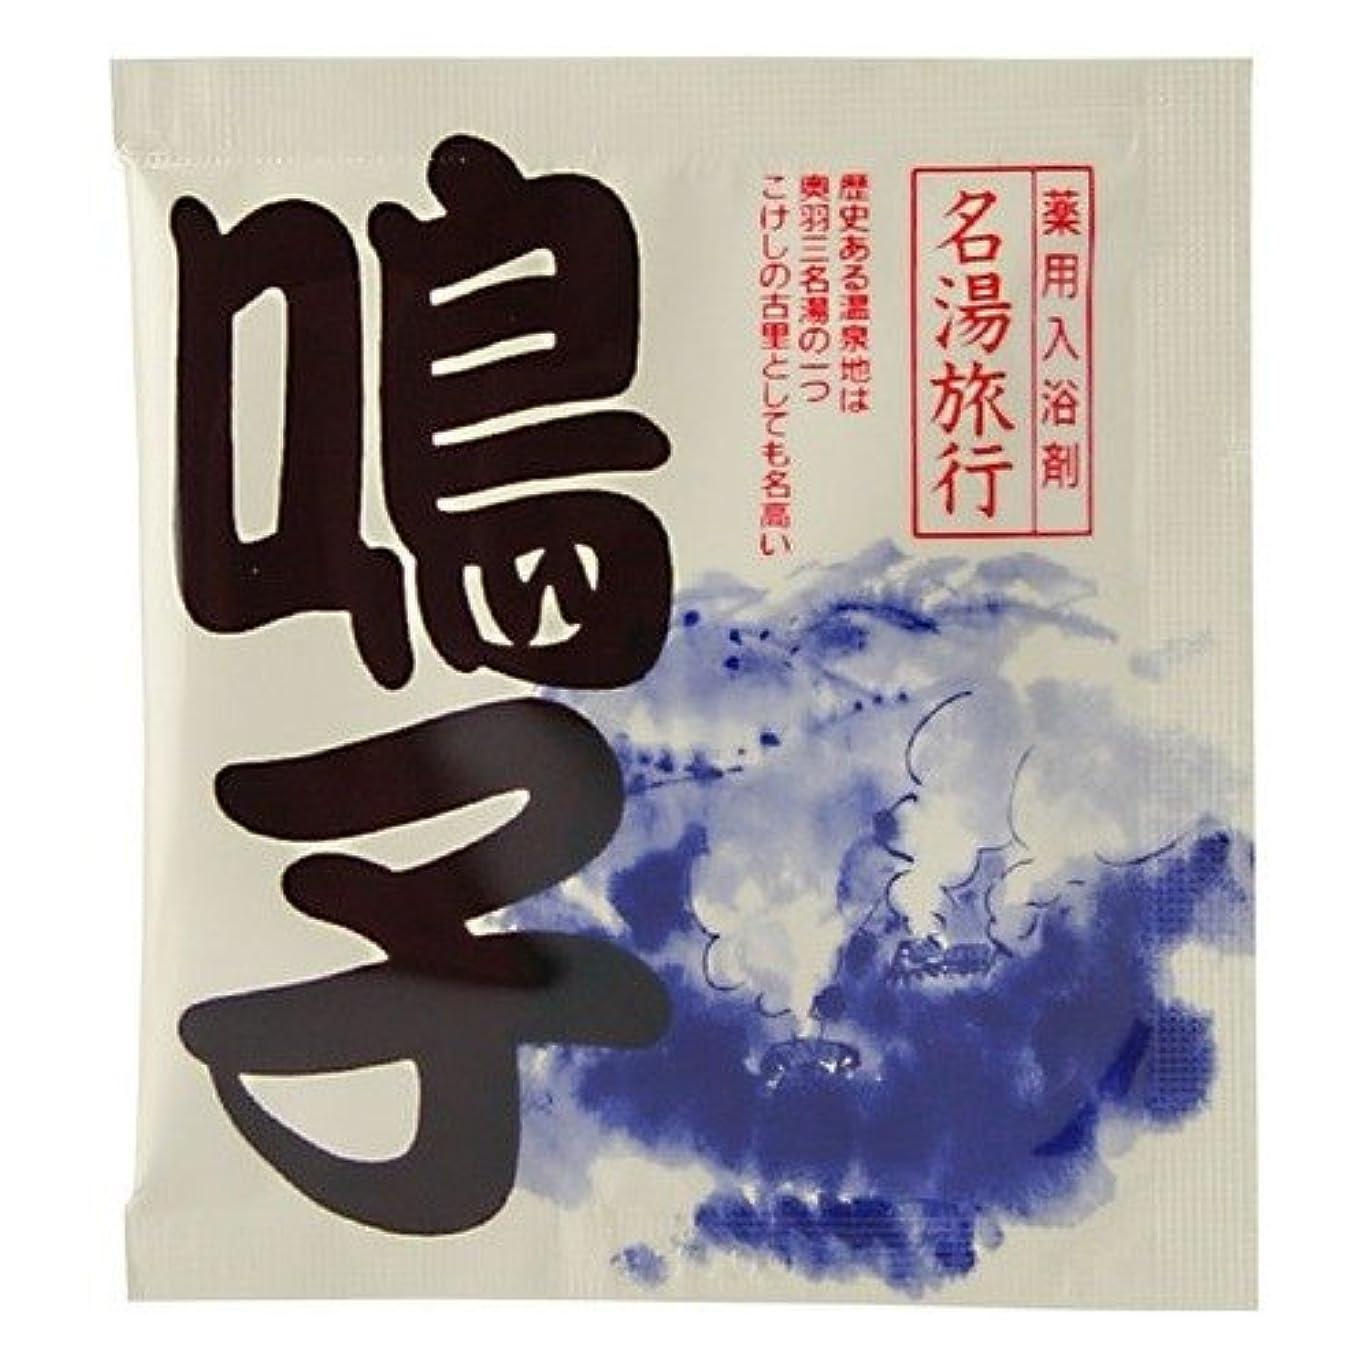 刻む特に写真を撮る五洲薬品 名湯旅行 鳴子 25g 4987332126713